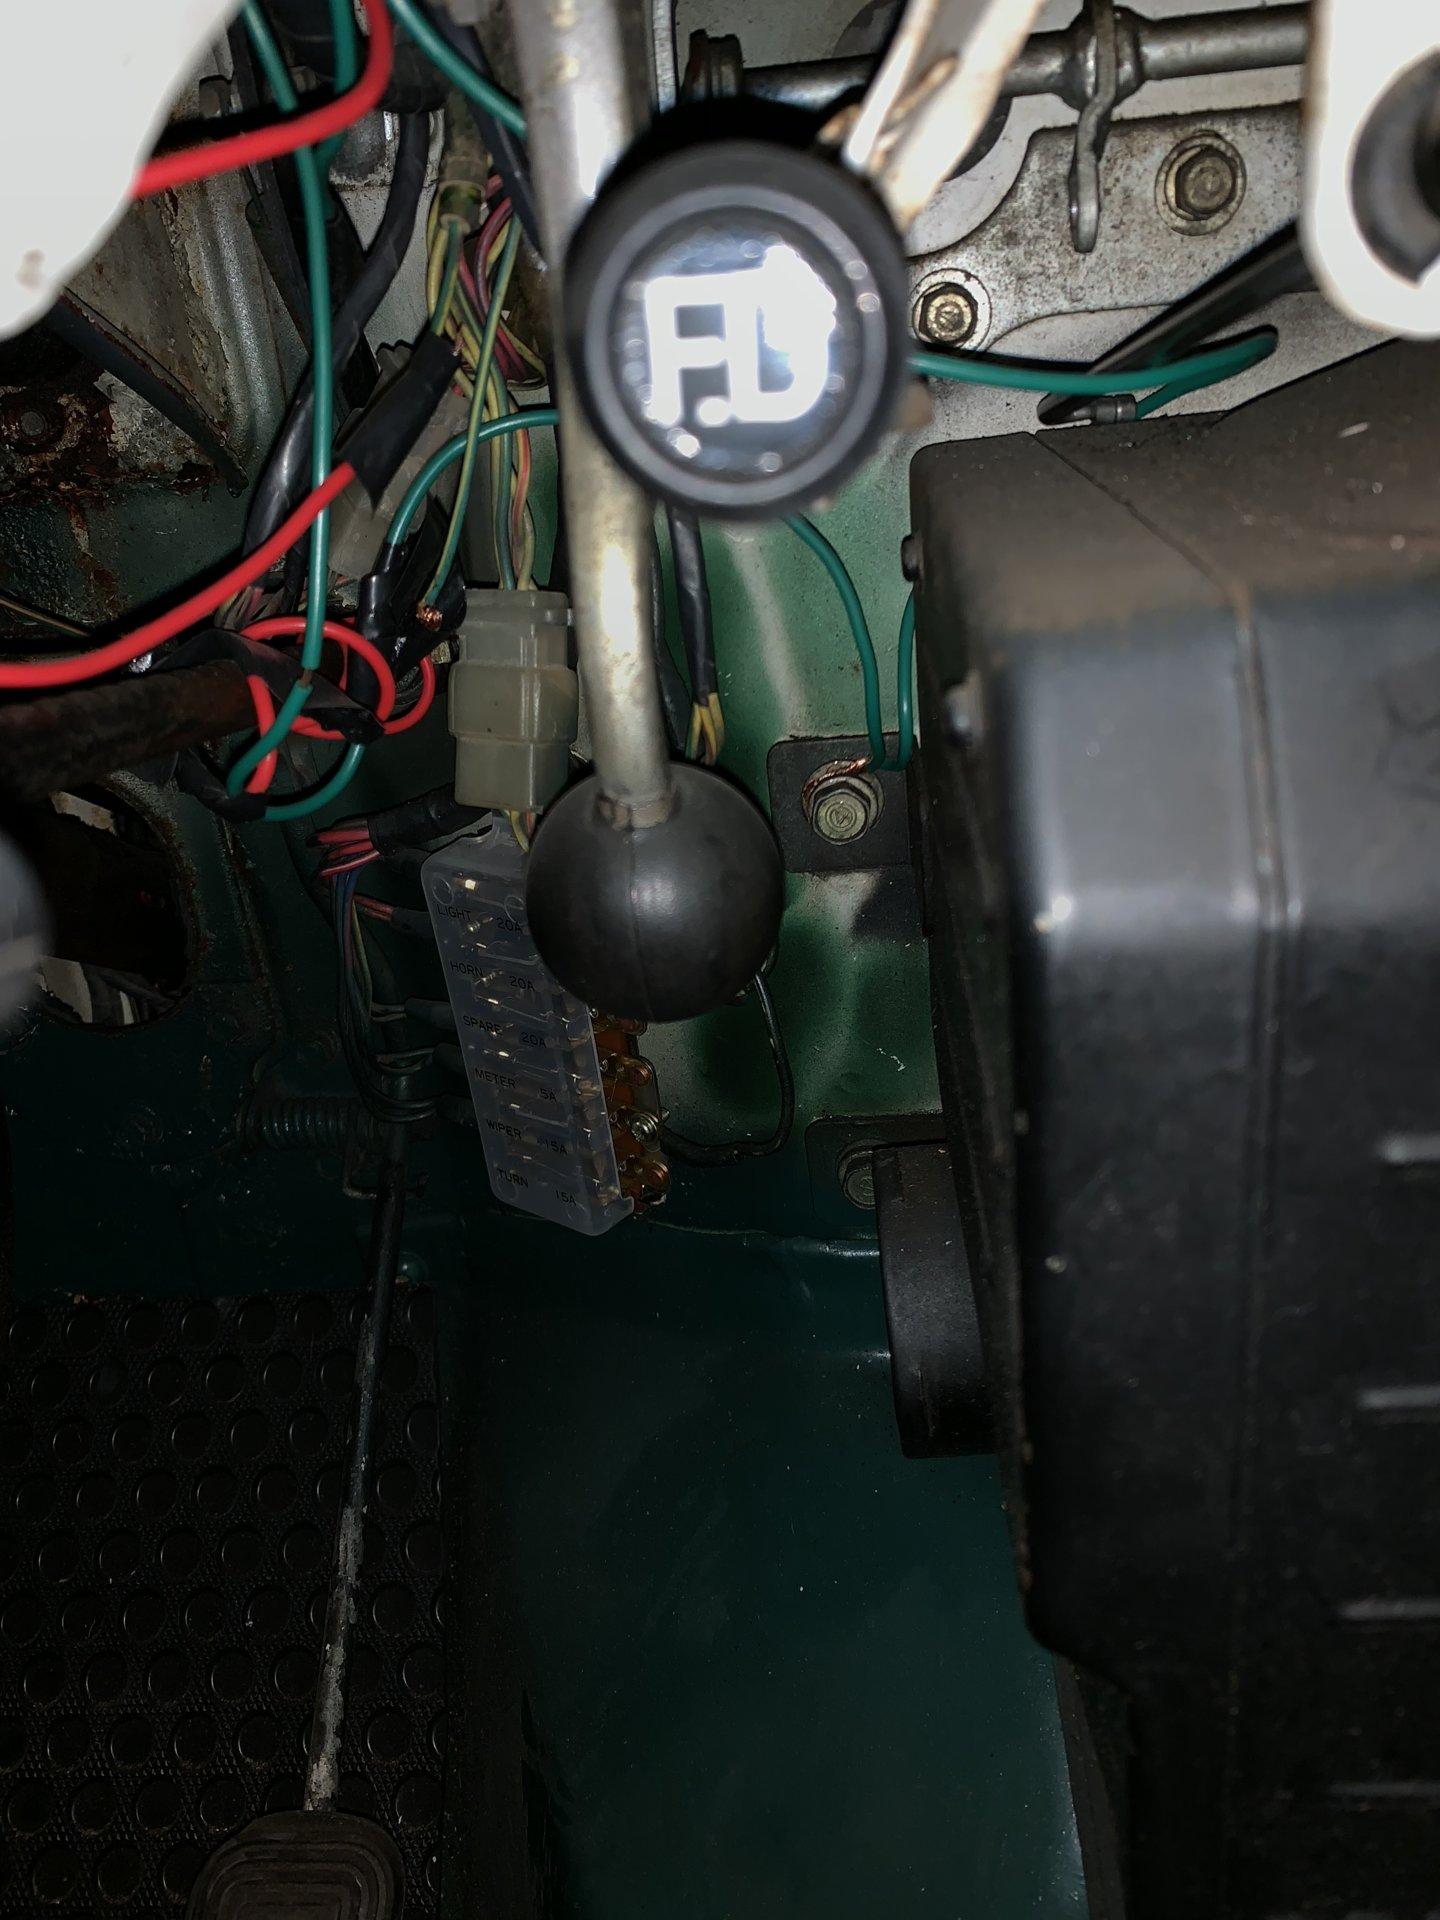 0654EDD2-DFC2-40A9-8F3C-C46B934E80DC.jpeg